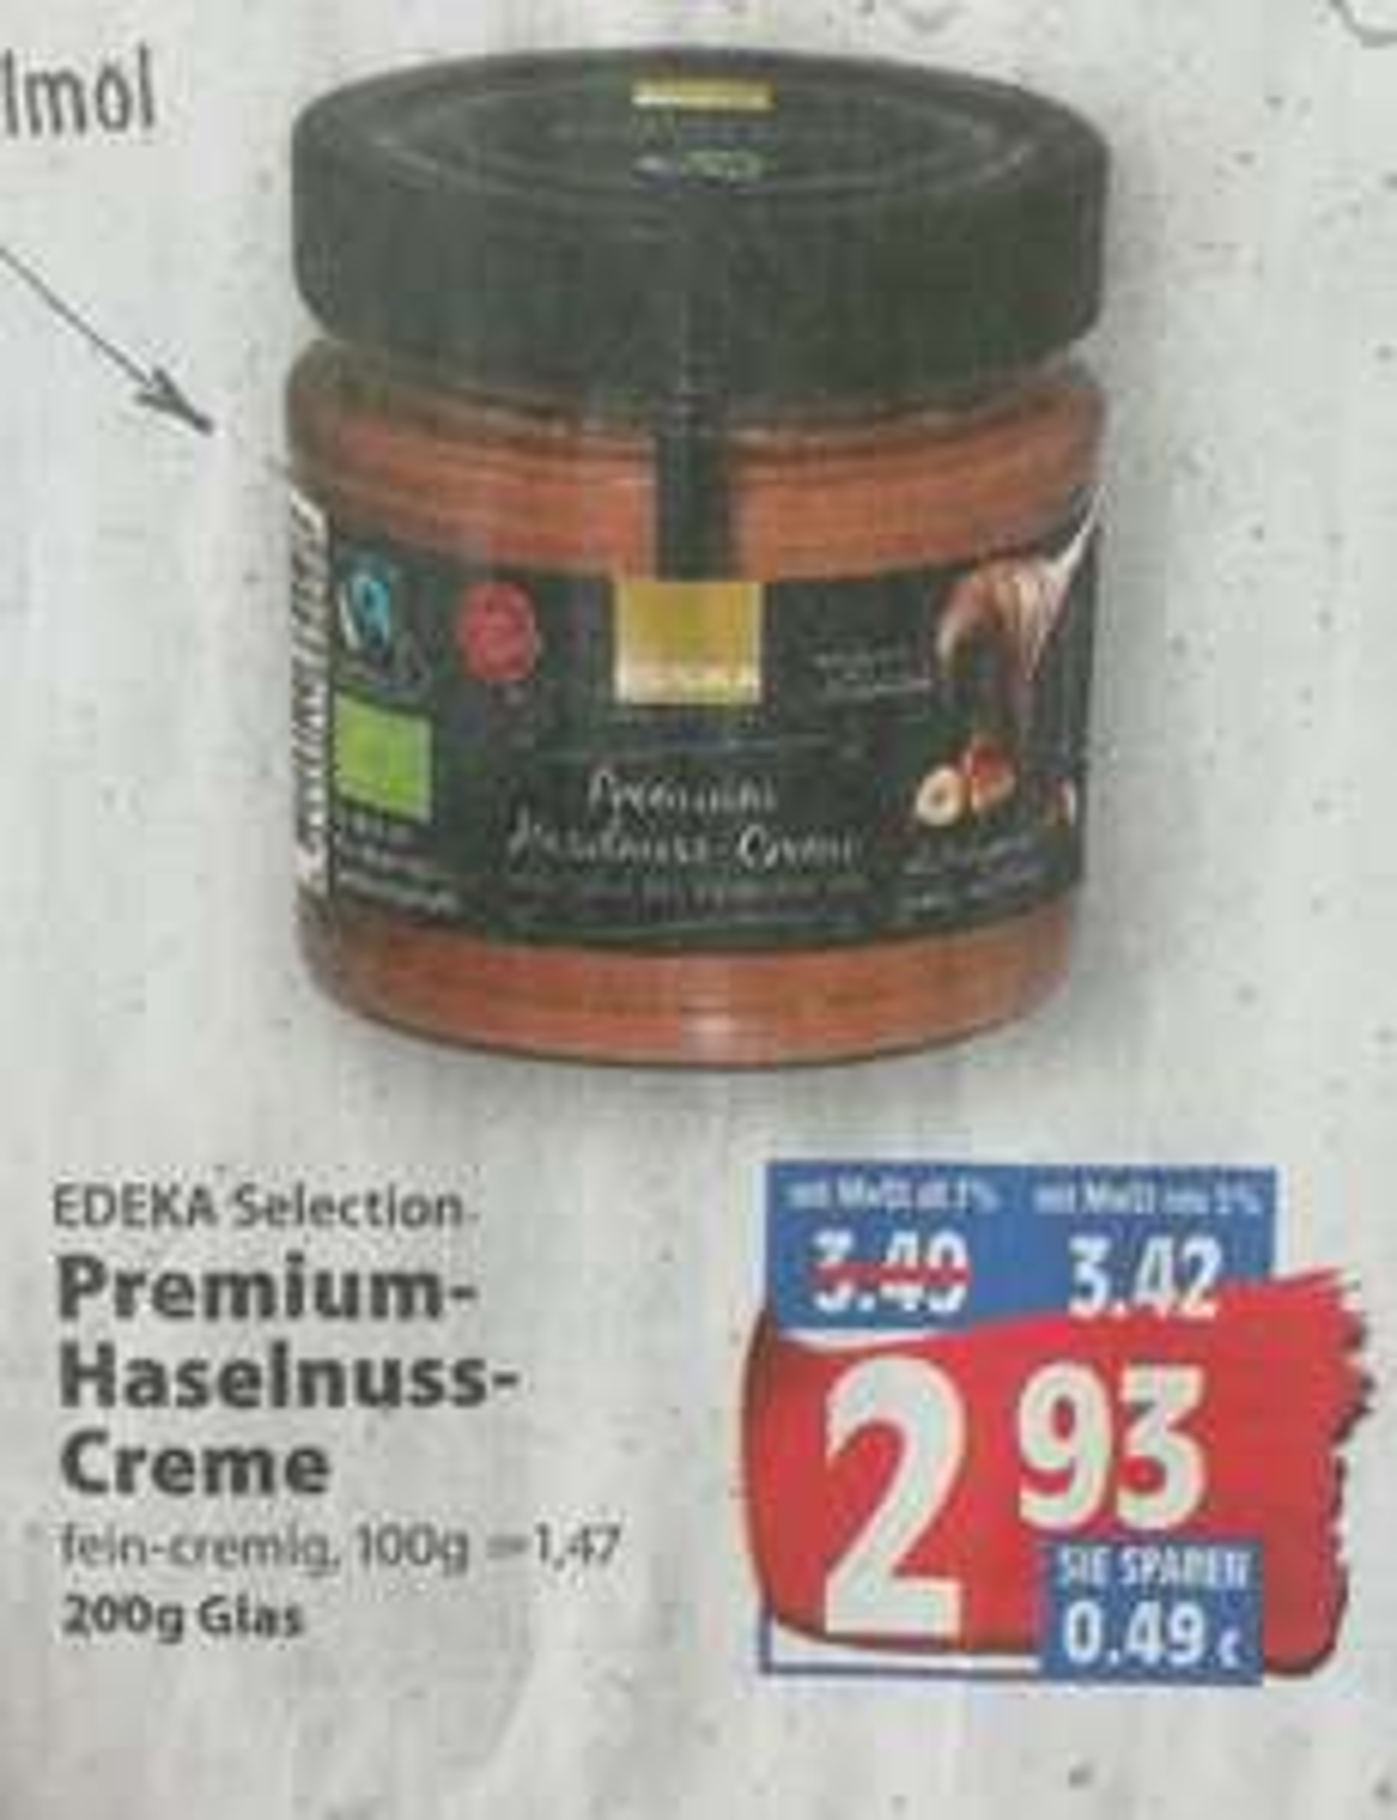 [Edeka Center Minden-Hannover] Edeka Selection Haselnusscreme ohne Palmöl und 30% Haselnussanteil für 2,93€